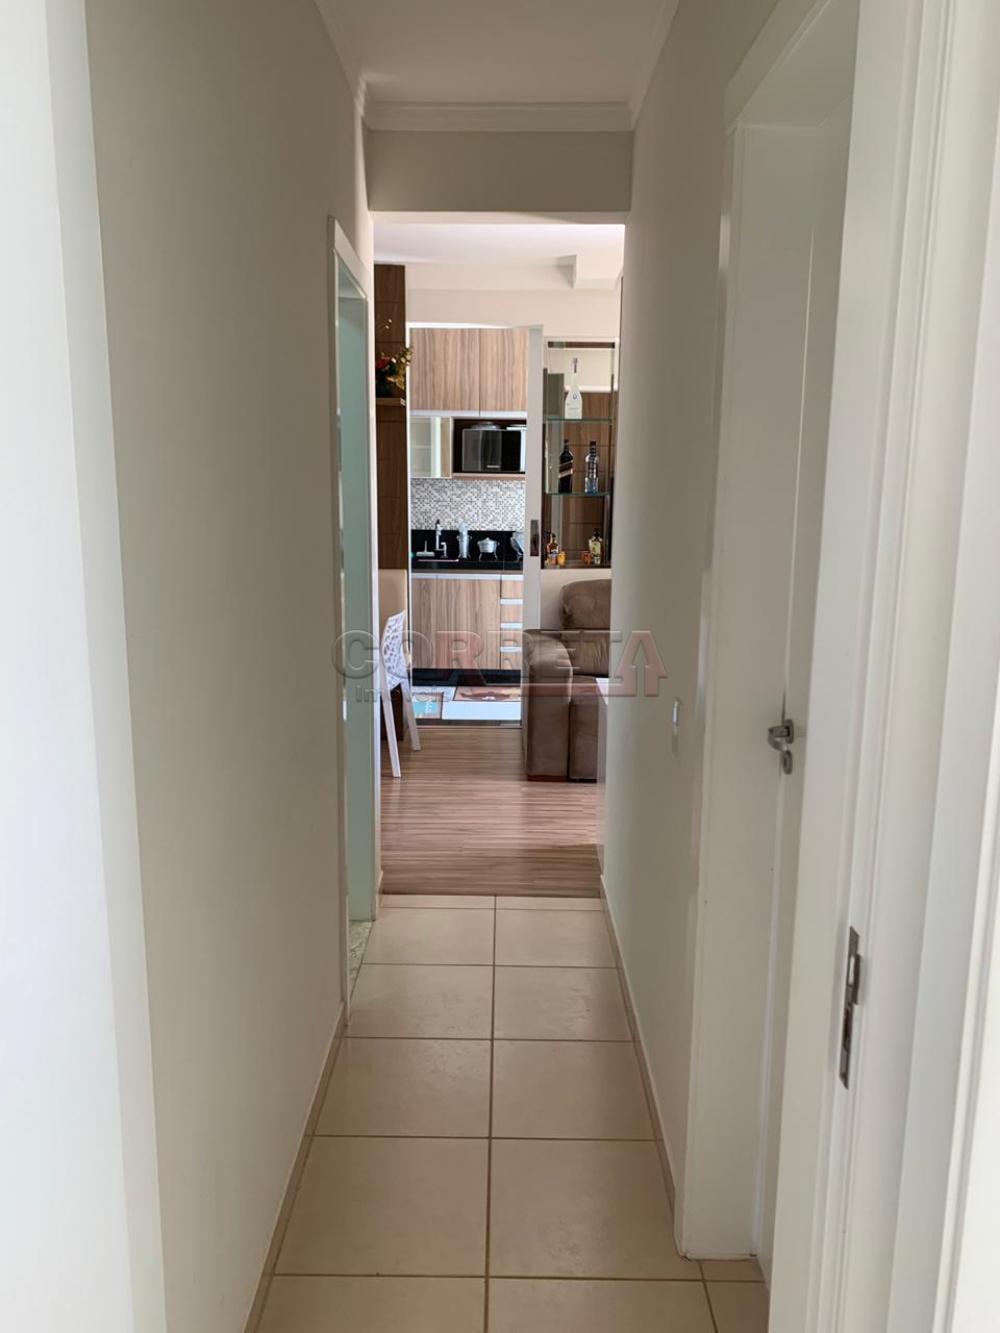 Comprar Apartamento / Padrão em Araçatuba R$ 185.000,00 - Foto 14